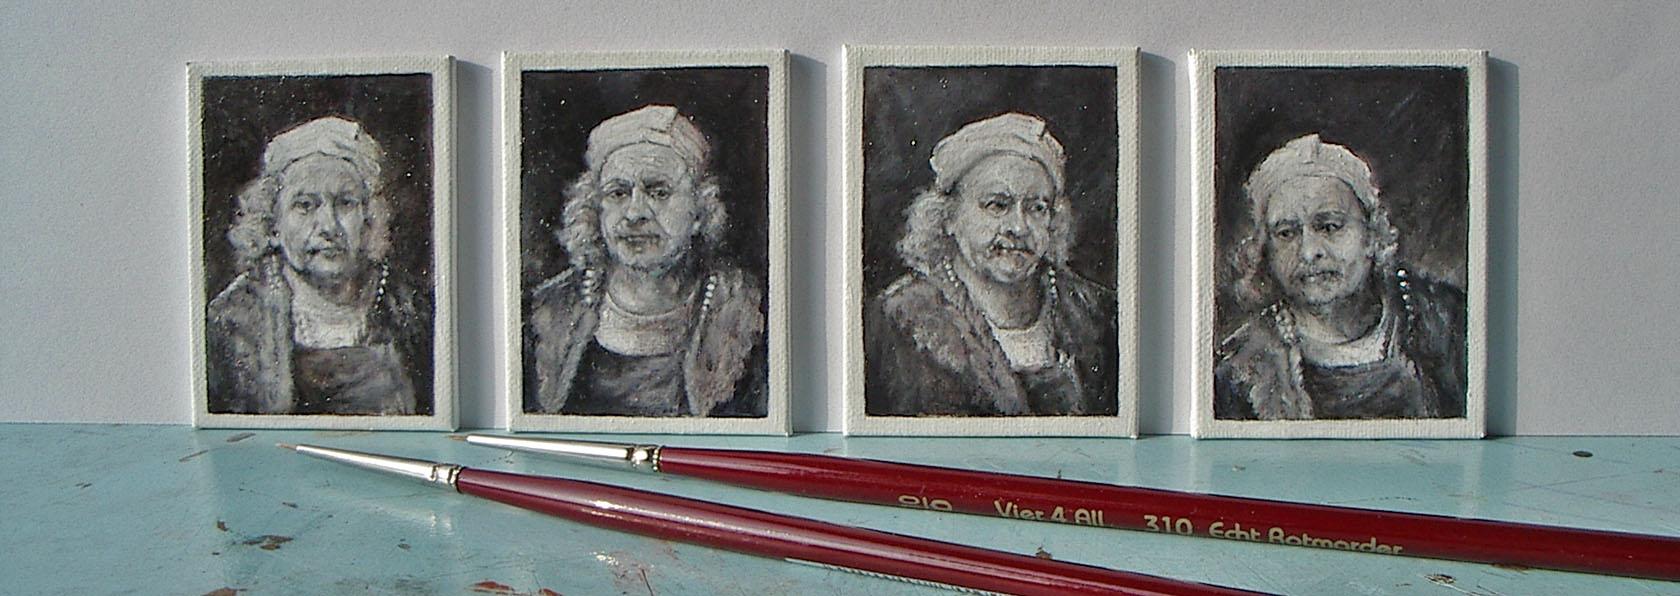 """De portretjes van Rembrandt, miniaturen van het gezicht van Rembrandt in verschillende emoties. Gemaakt voor de Expositie """"De nieuwe nachtwacht"""" in Slot Zeist"""